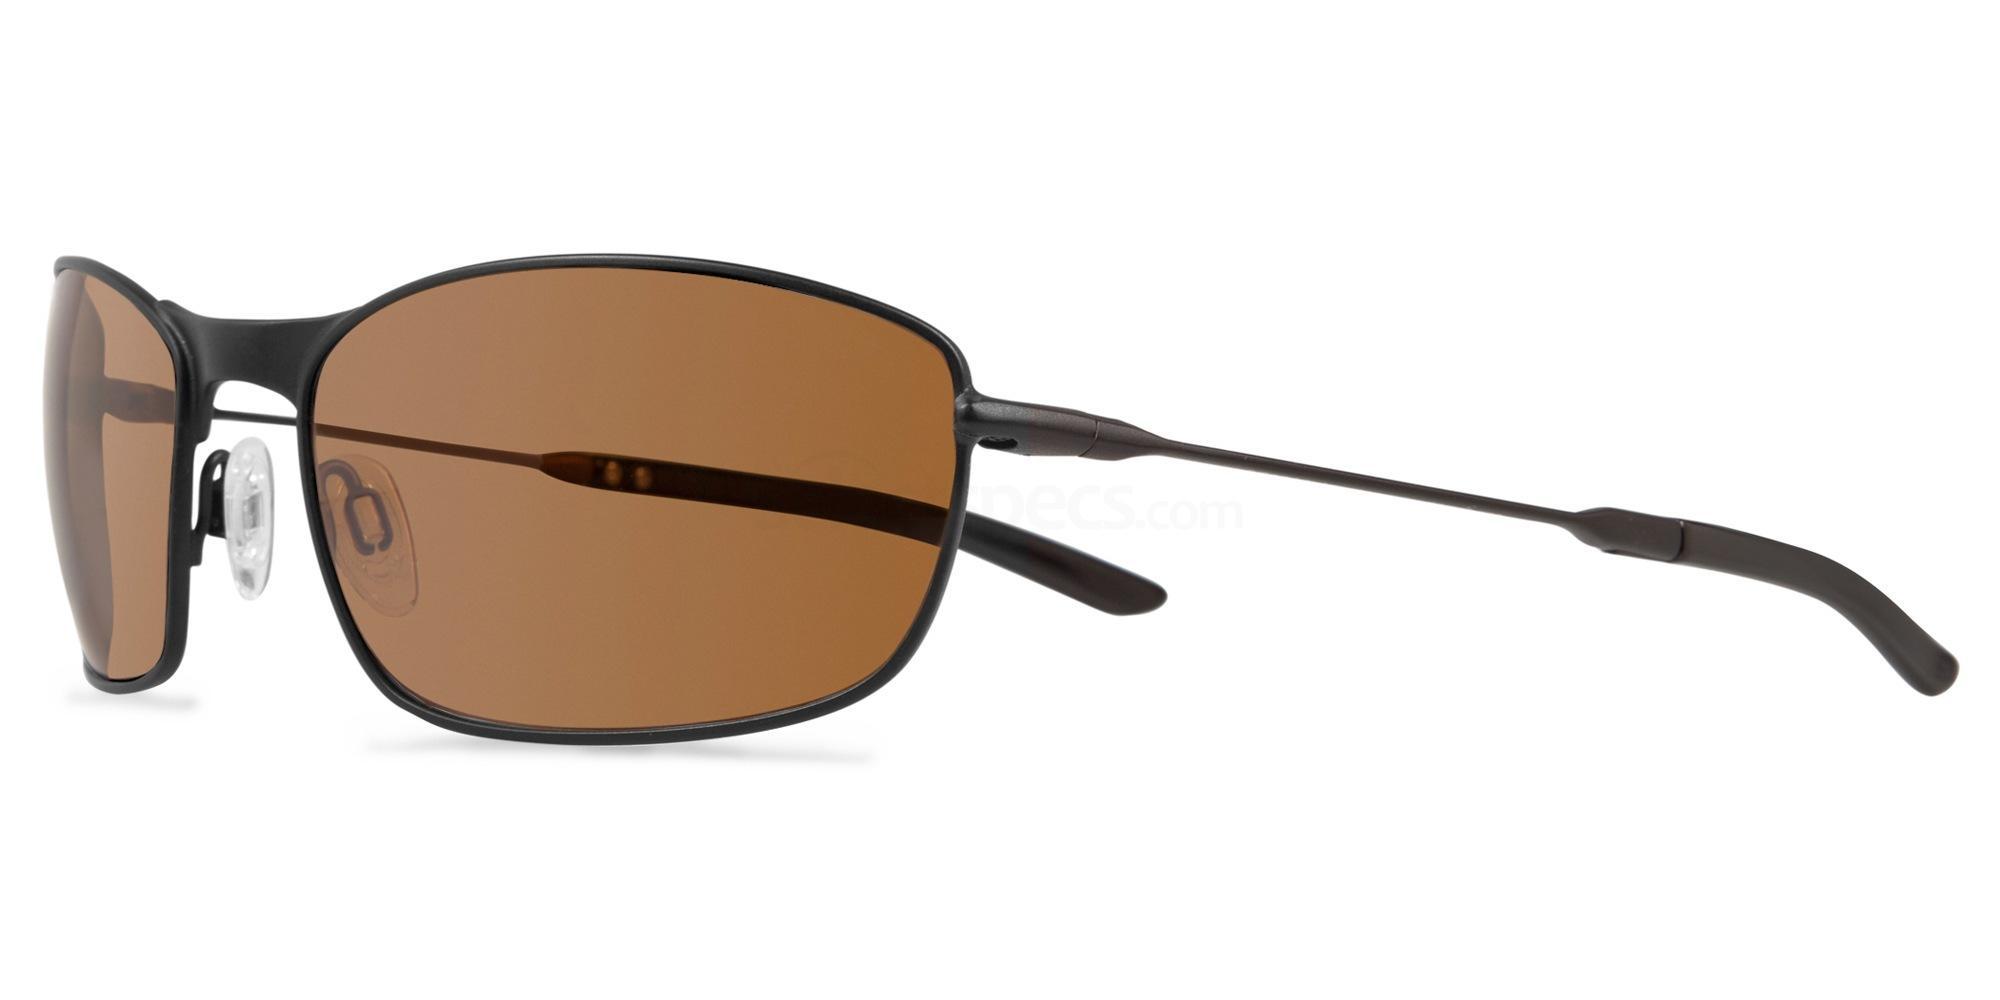 01BR Thin Shot - RE3090 Sunglasses, Revo